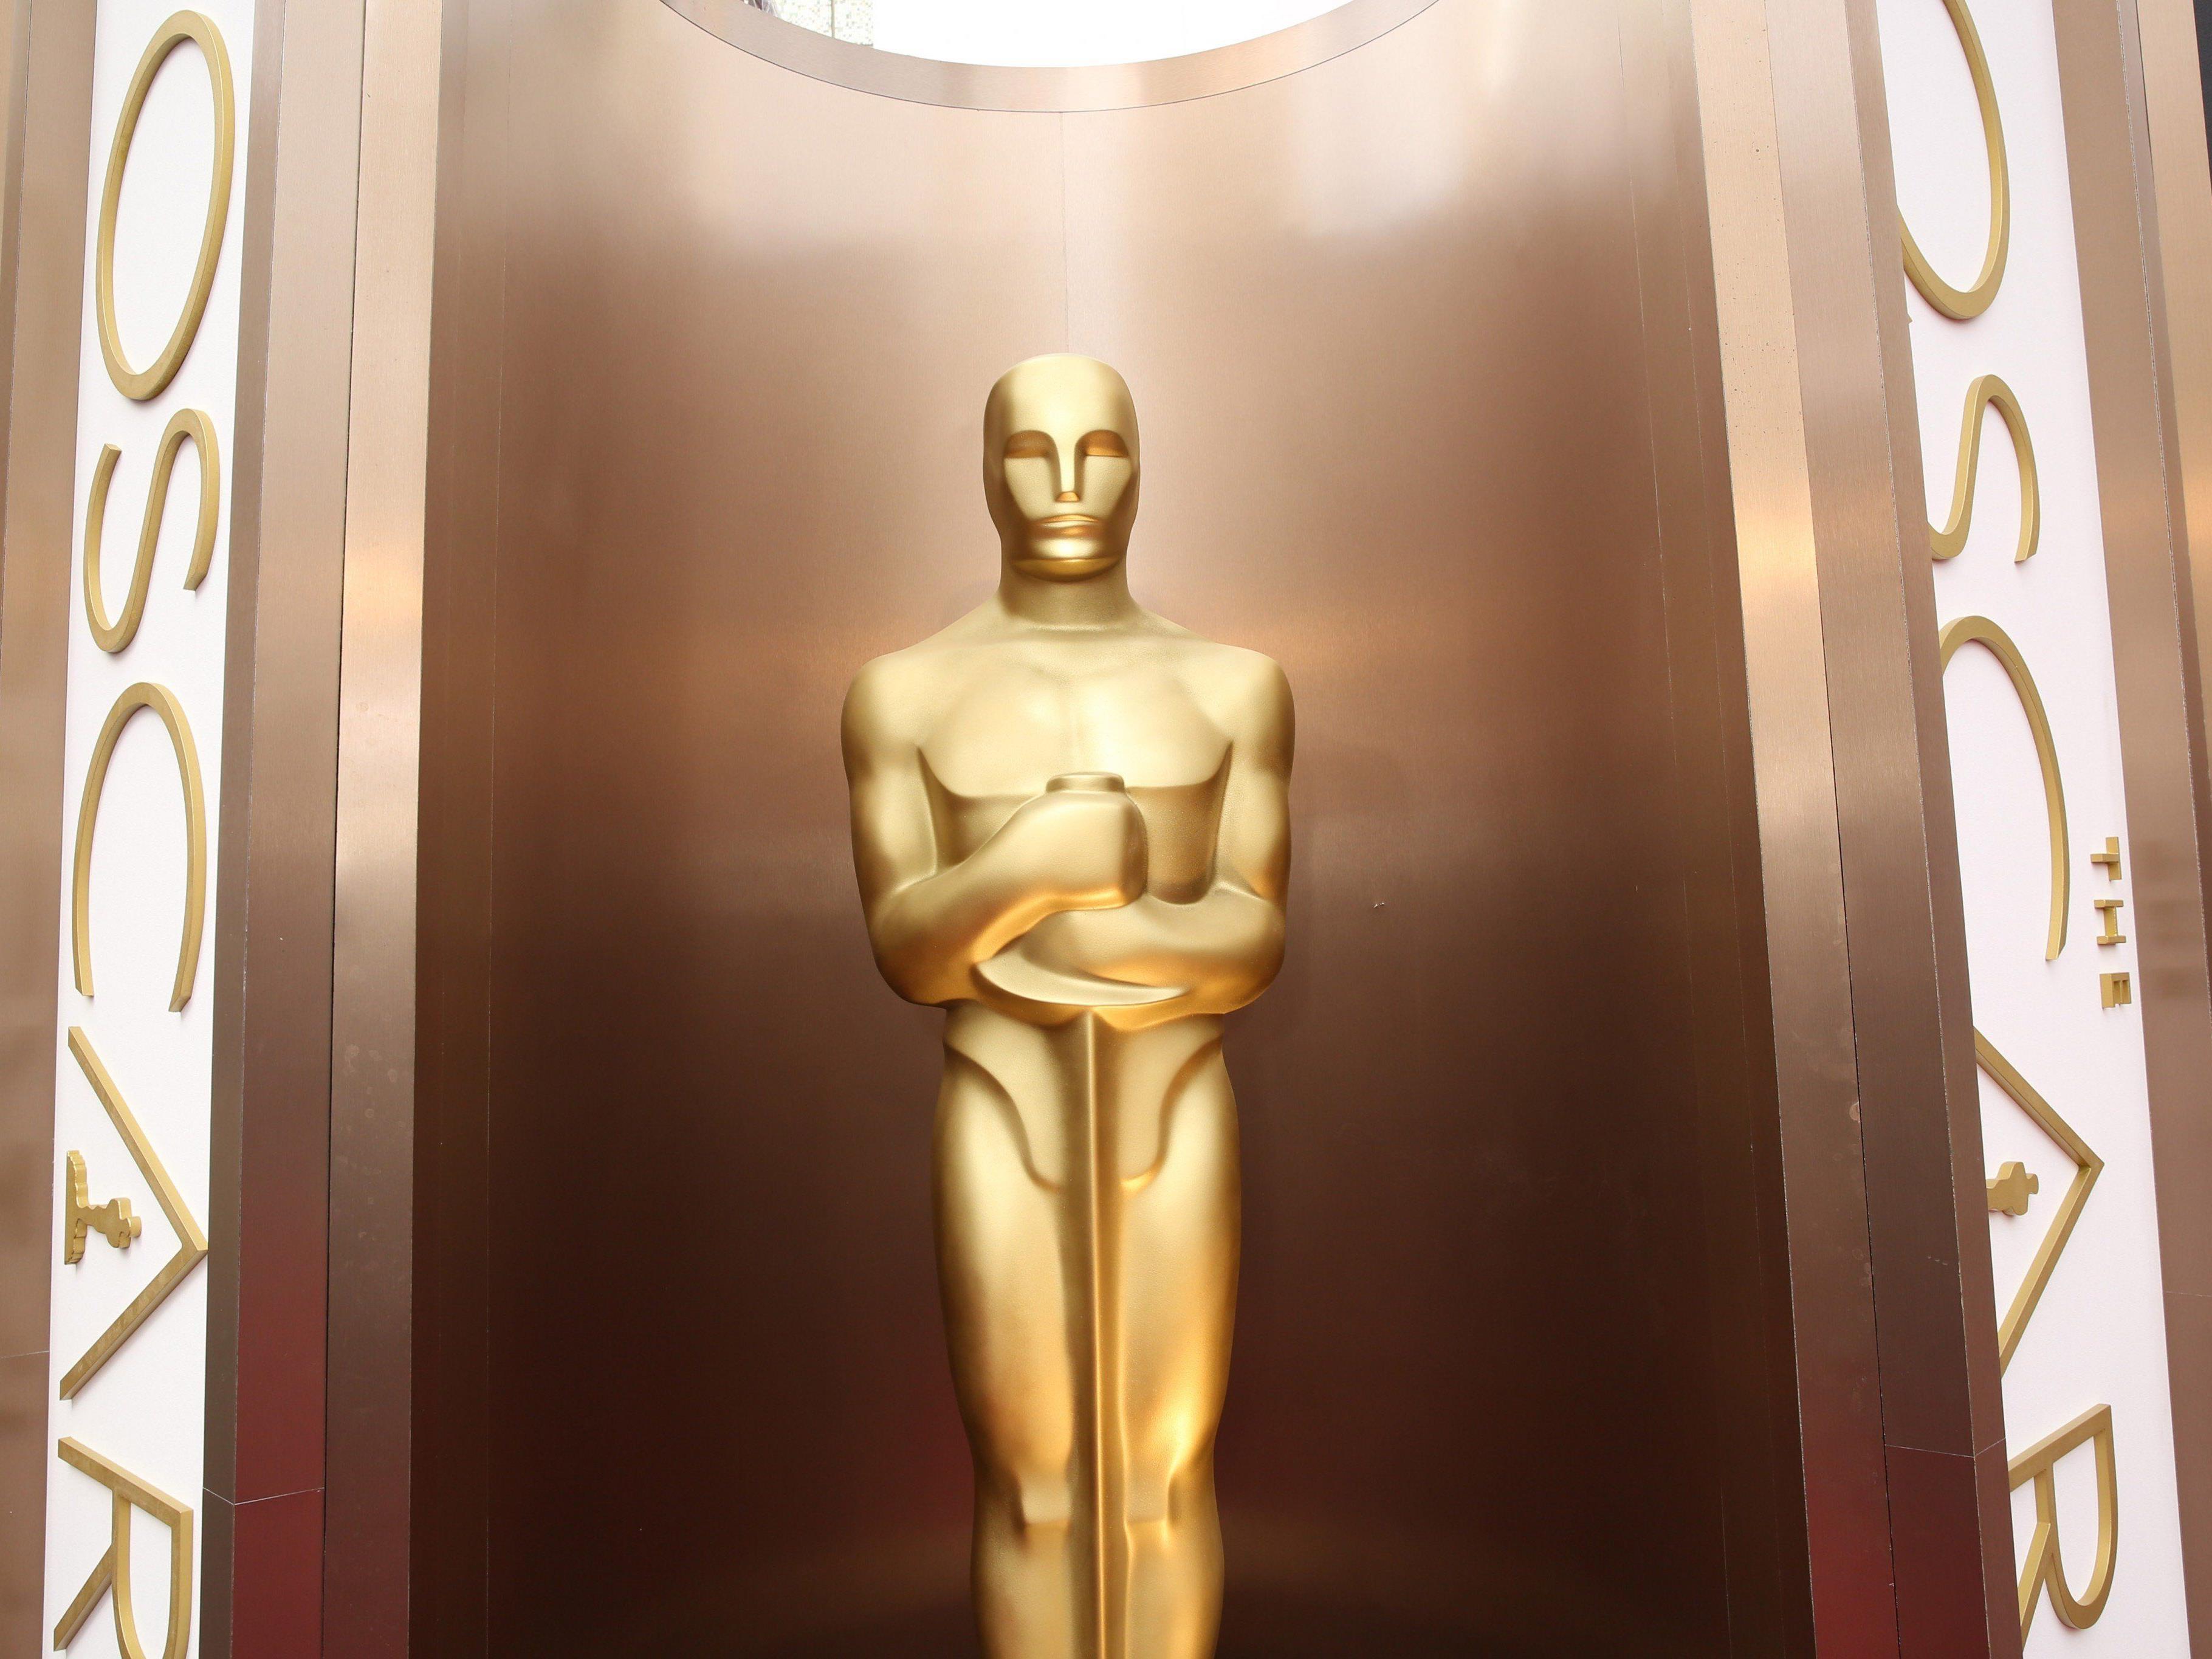 Die Oscar-Nominierten erhalten zur Gala-Nacht ein Goodie-Bag mit extravaganten Produkten.